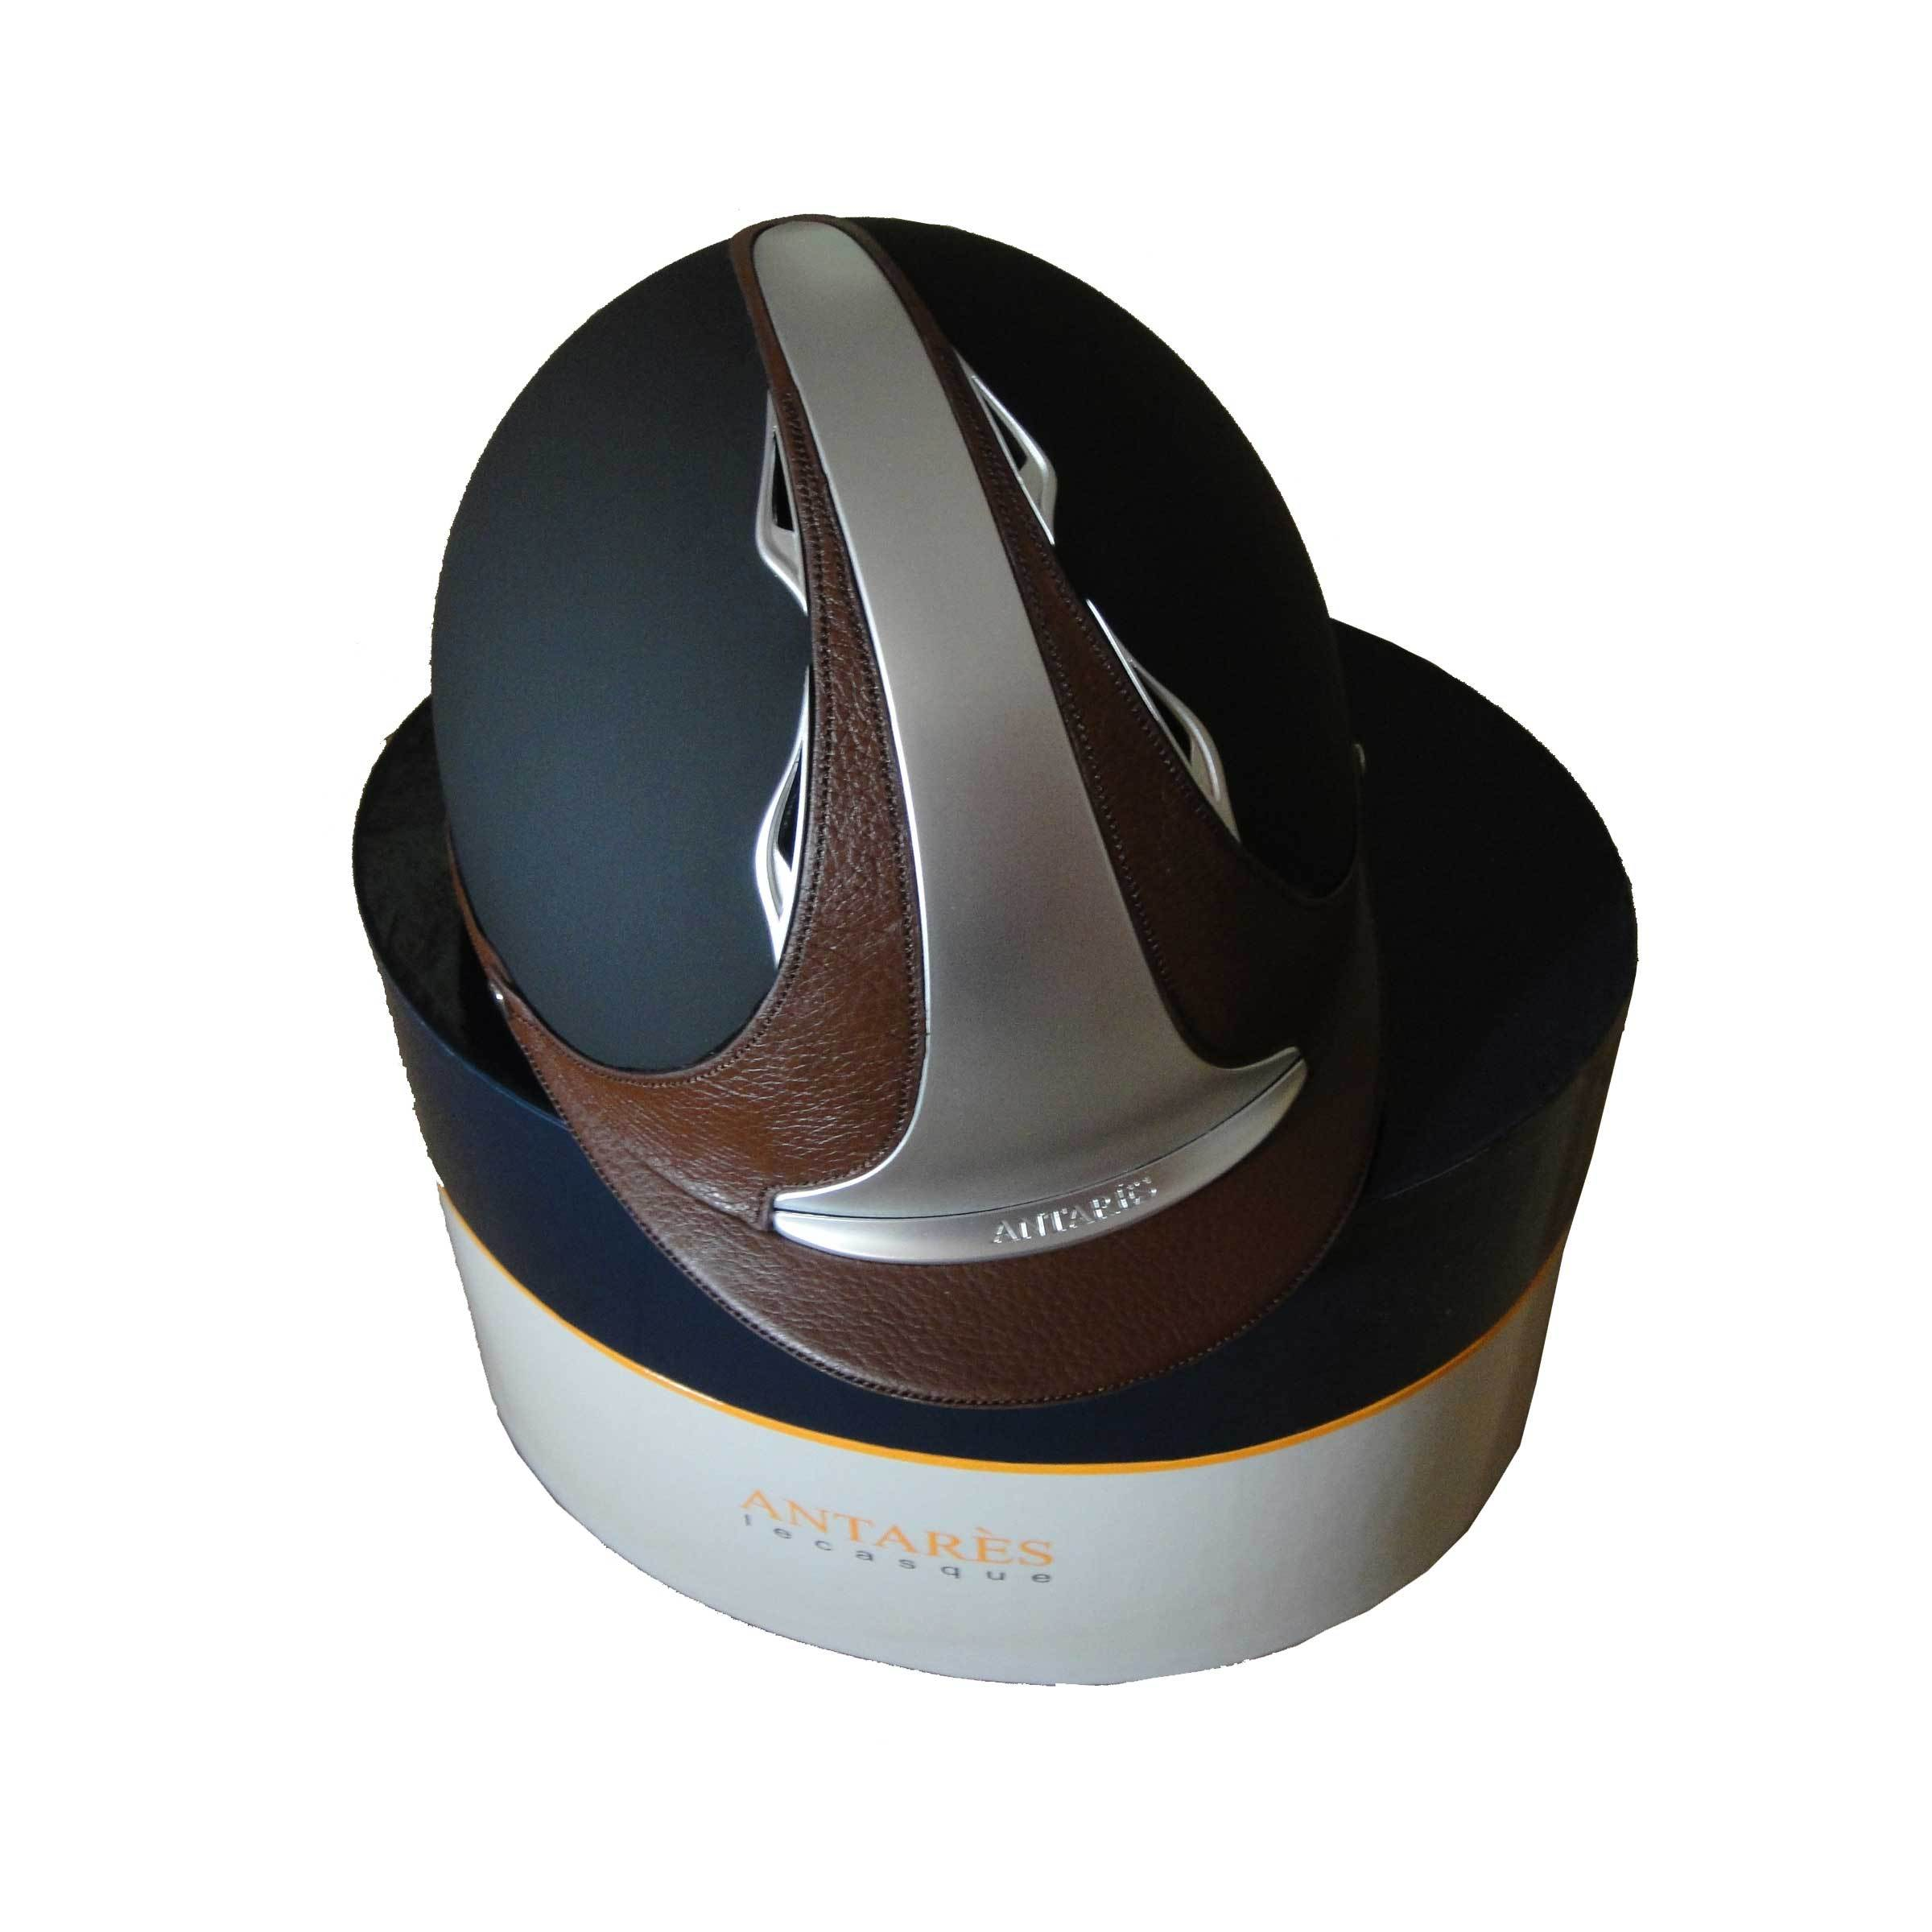 трензель Специальное предложение аутентичные Антарес французский конный продукт конный оборудование конного спорта шлем кожа